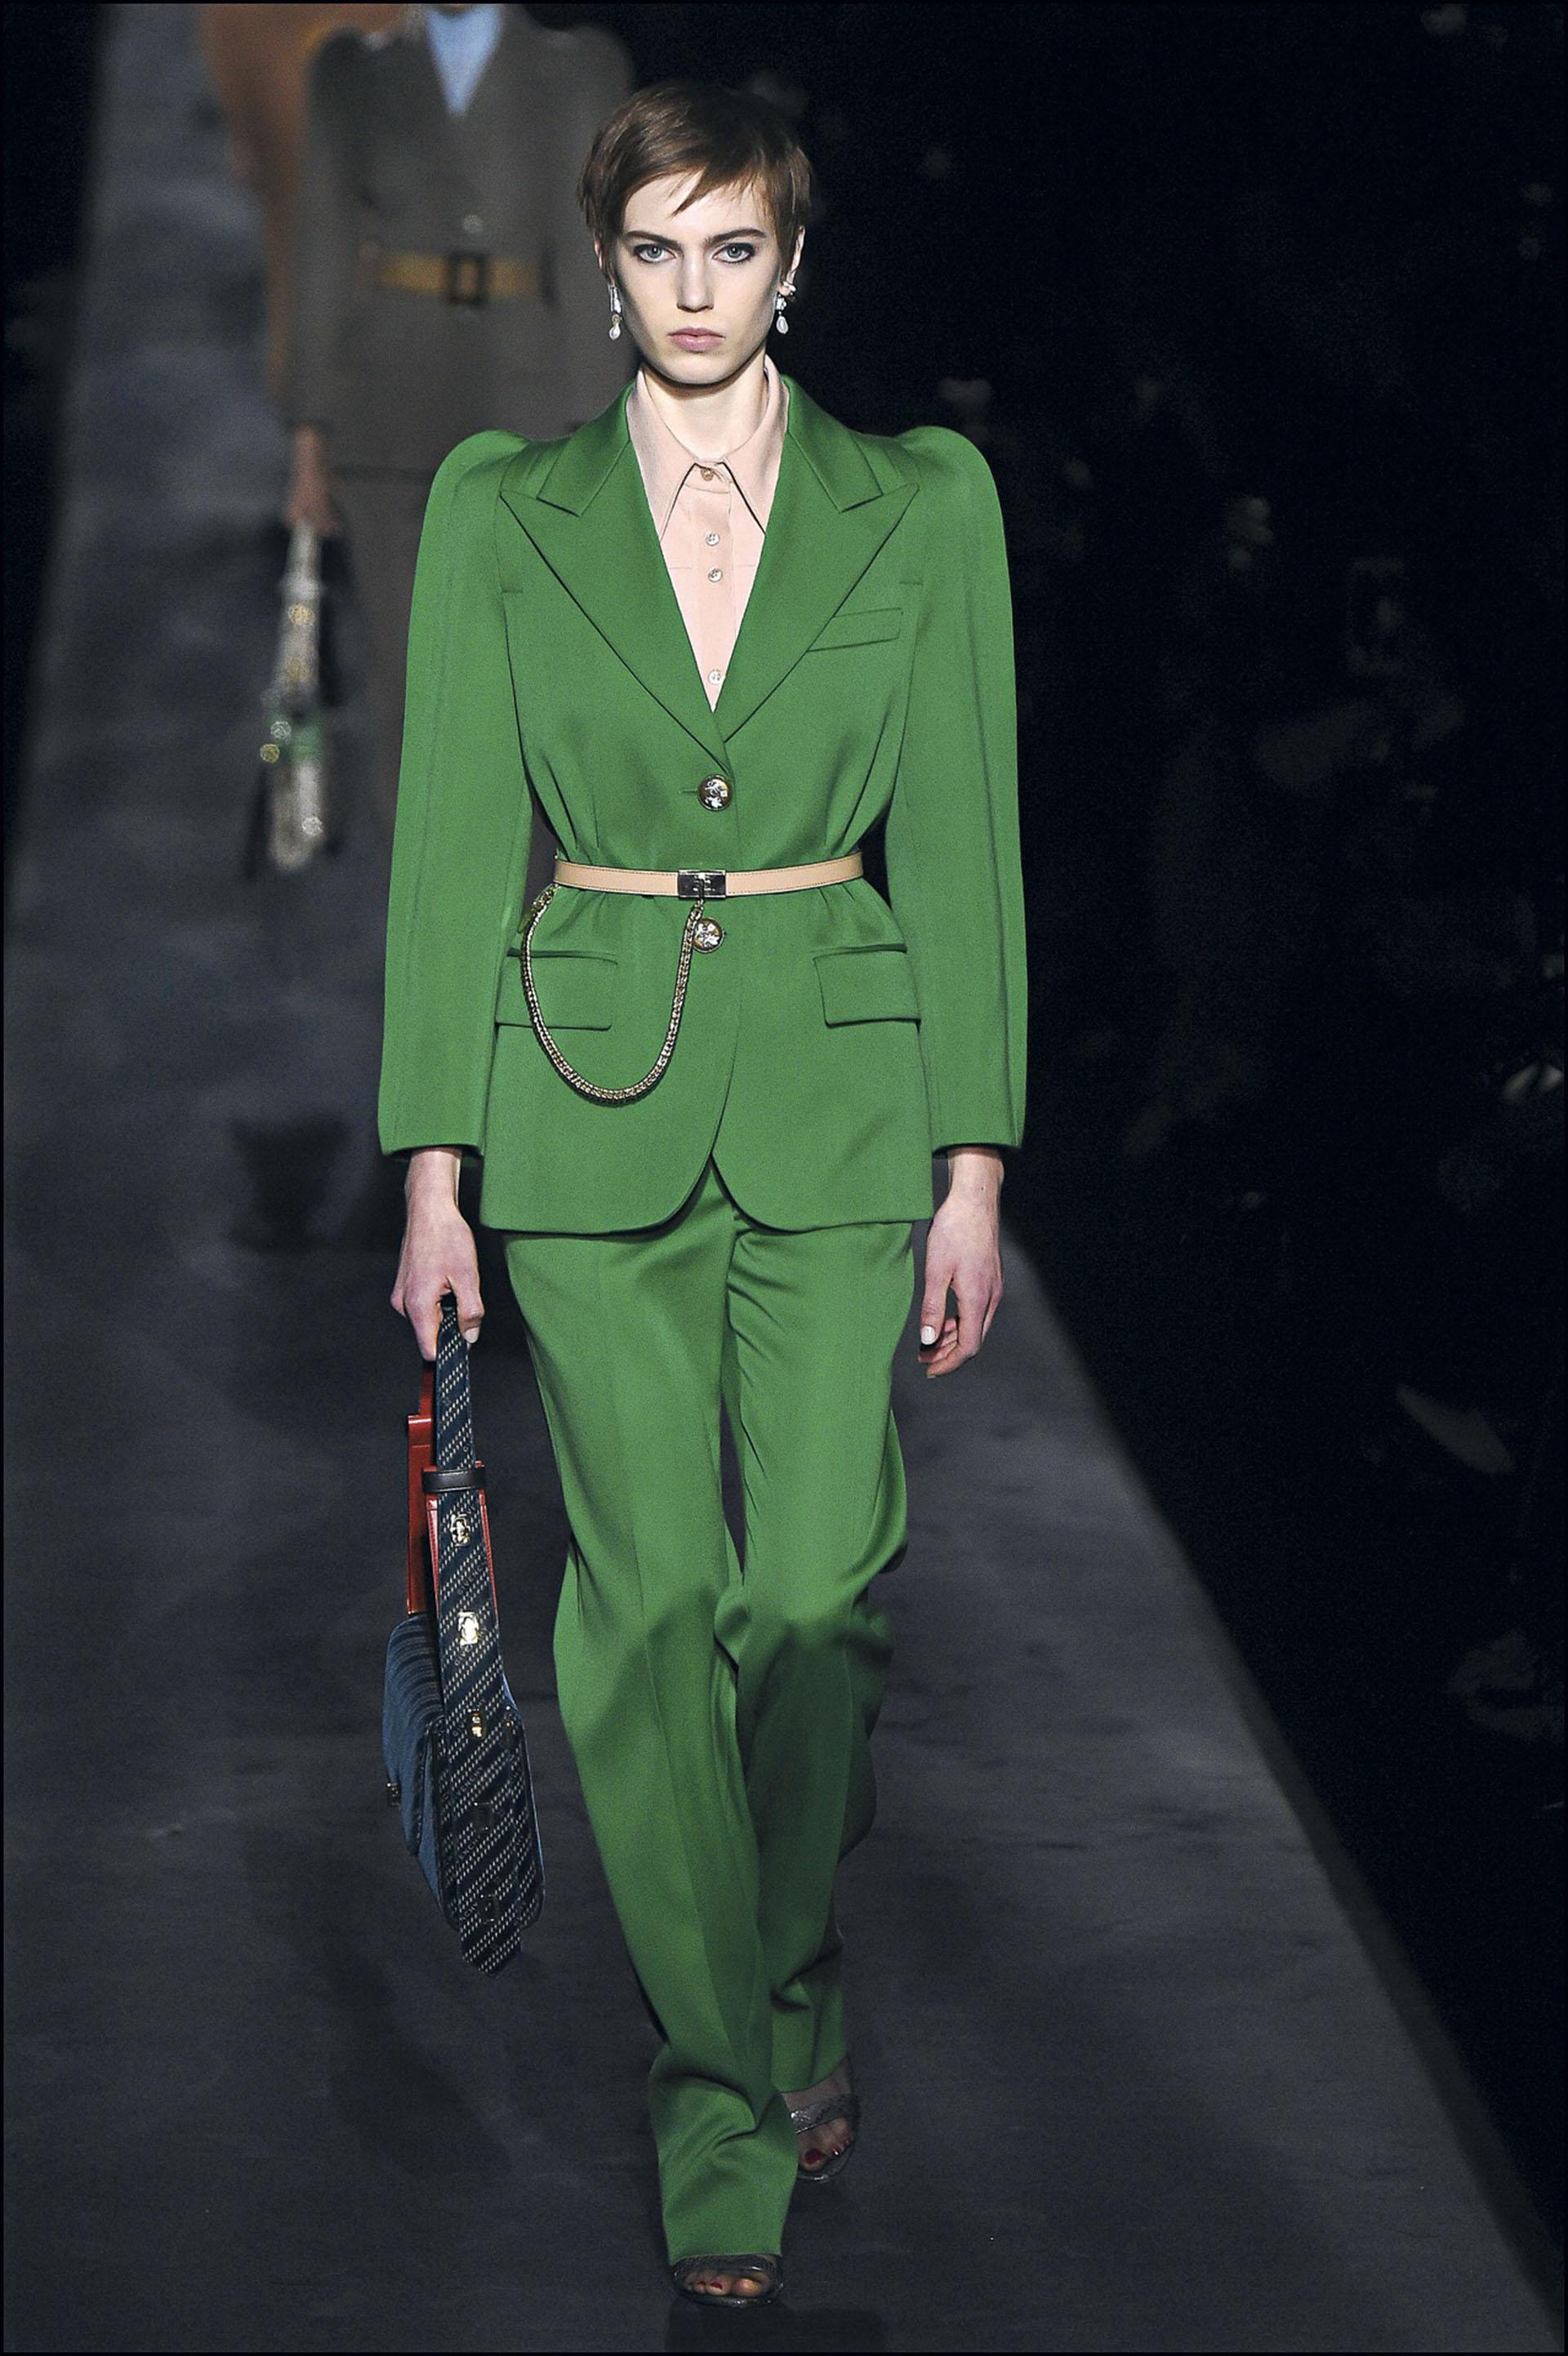 Mannequin pendant le dÈfilÈ de mode Givenchy collection prÍt-‡-porter Automne-Hiver lors de la fashion week ‡ Paris, France, le 3 mars 2019. A model walks the runway during the Givenchy show as part of the Paris Fashion Week Womenswear Fall/Winter 2019/2020 in Paris, France on March 03, 2019.